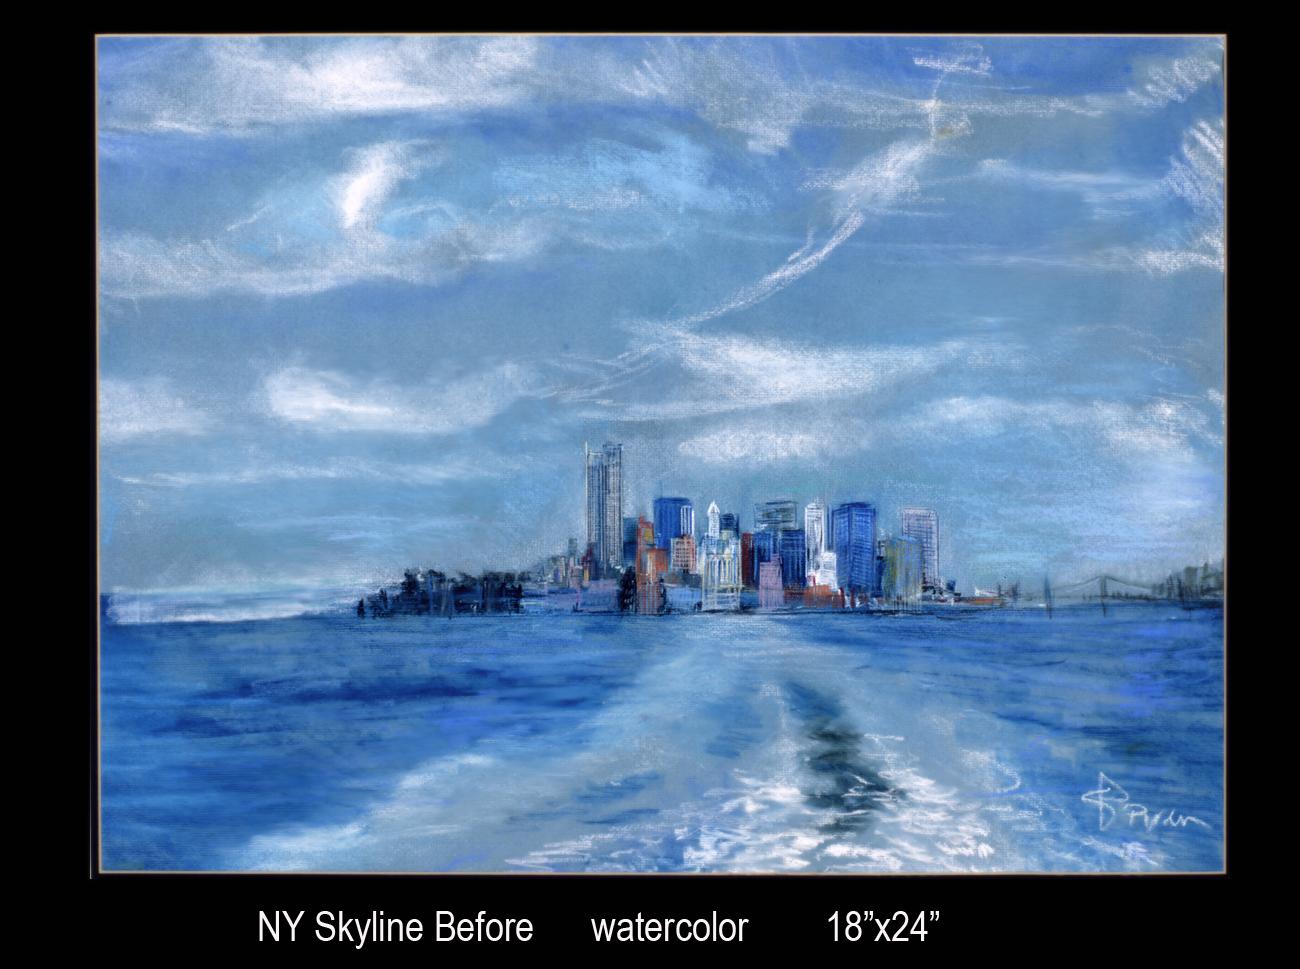 NY Skyline Before